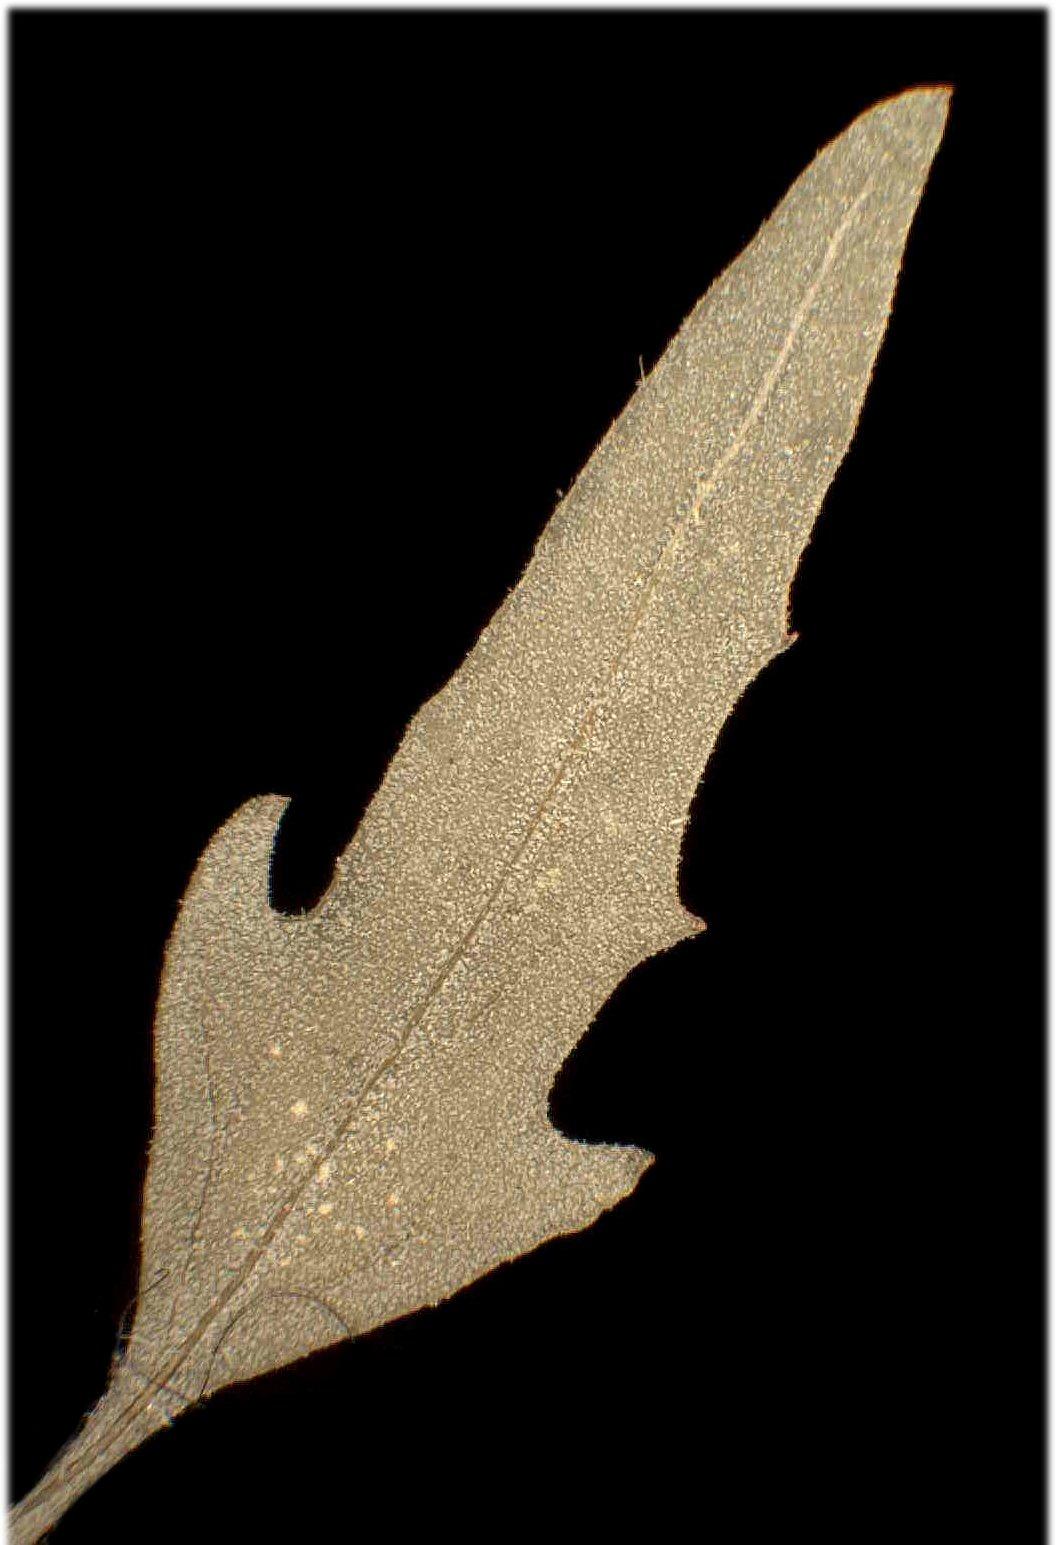 © Dipartimento di Scienze della Vita, Università degli Studi di Trieste<br>by Andrea Moro<br>Comune di Trieste, località Villa Carsia., TS, FVG, Italia, 23/11/04 0.00.00<br>Distributed under CC-BY-SA 4.0 license.